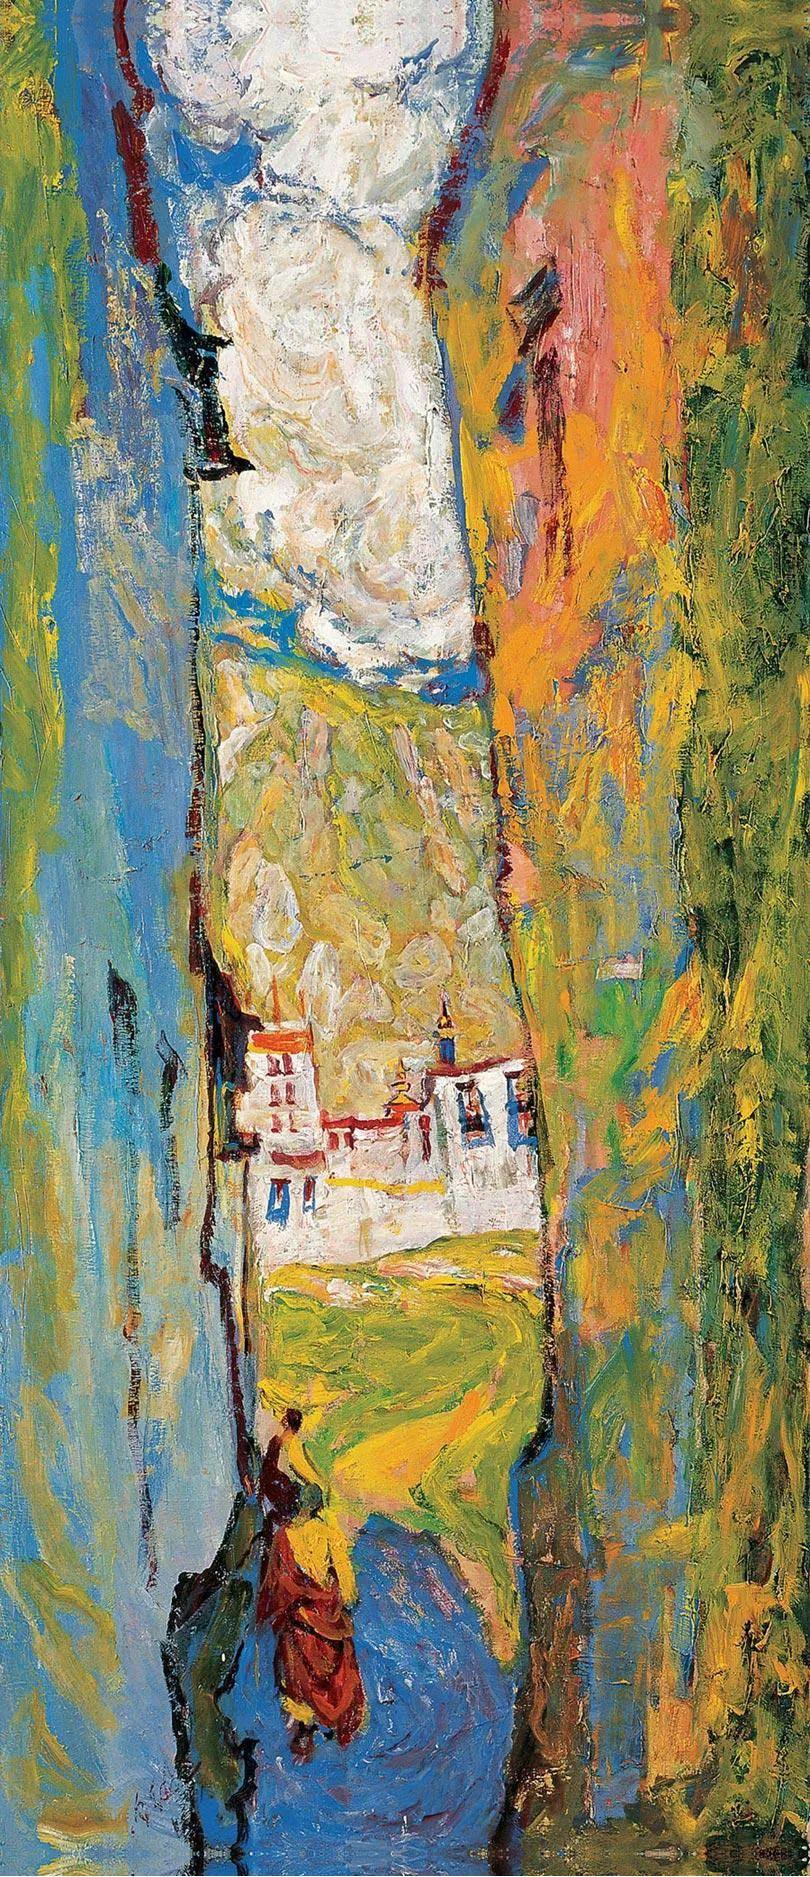 浓烈、明亮、斑斓、恣肆的色彩,这油画美极了插图77